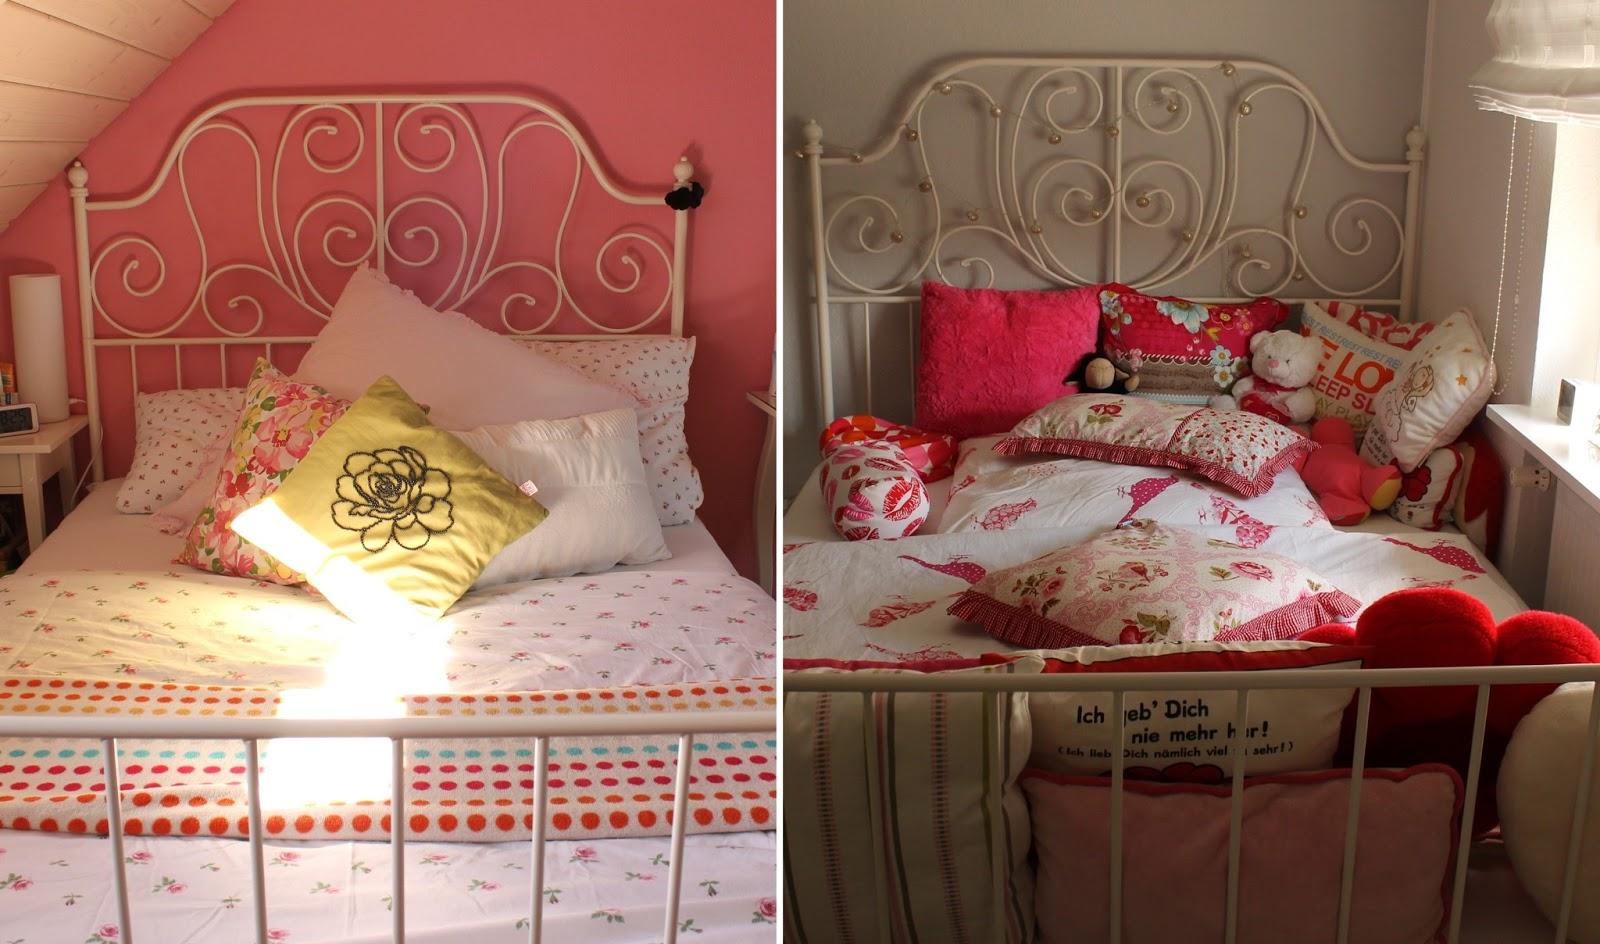 Platzbei2 1 Bett 2 Unterschiedliche Dekorationen